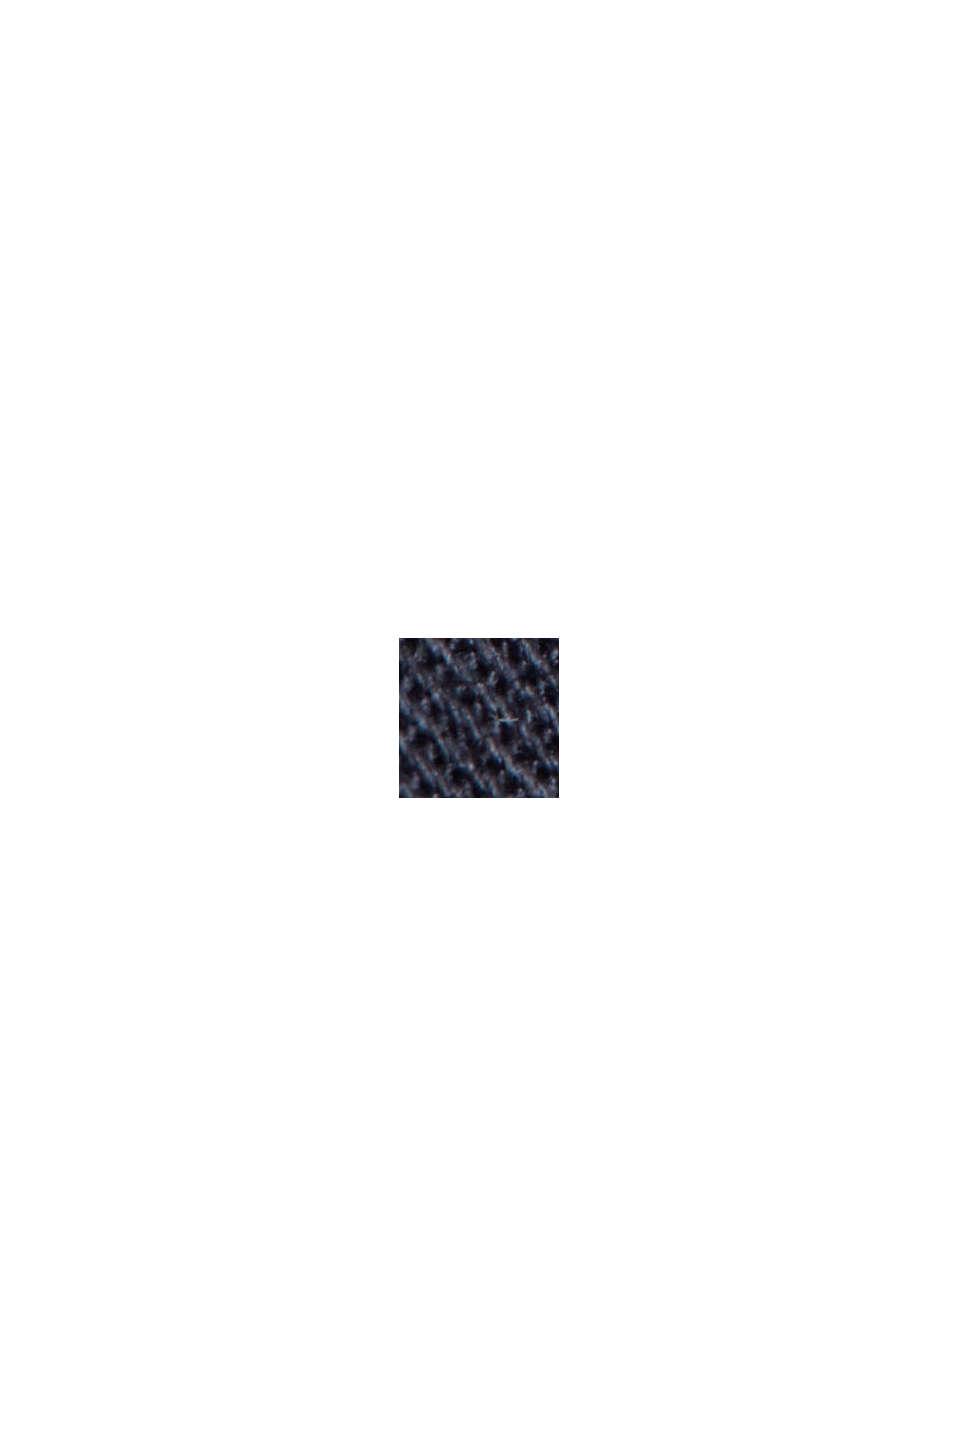 Cappotto estivo in cotone biologico, DARK BLUE, swatch